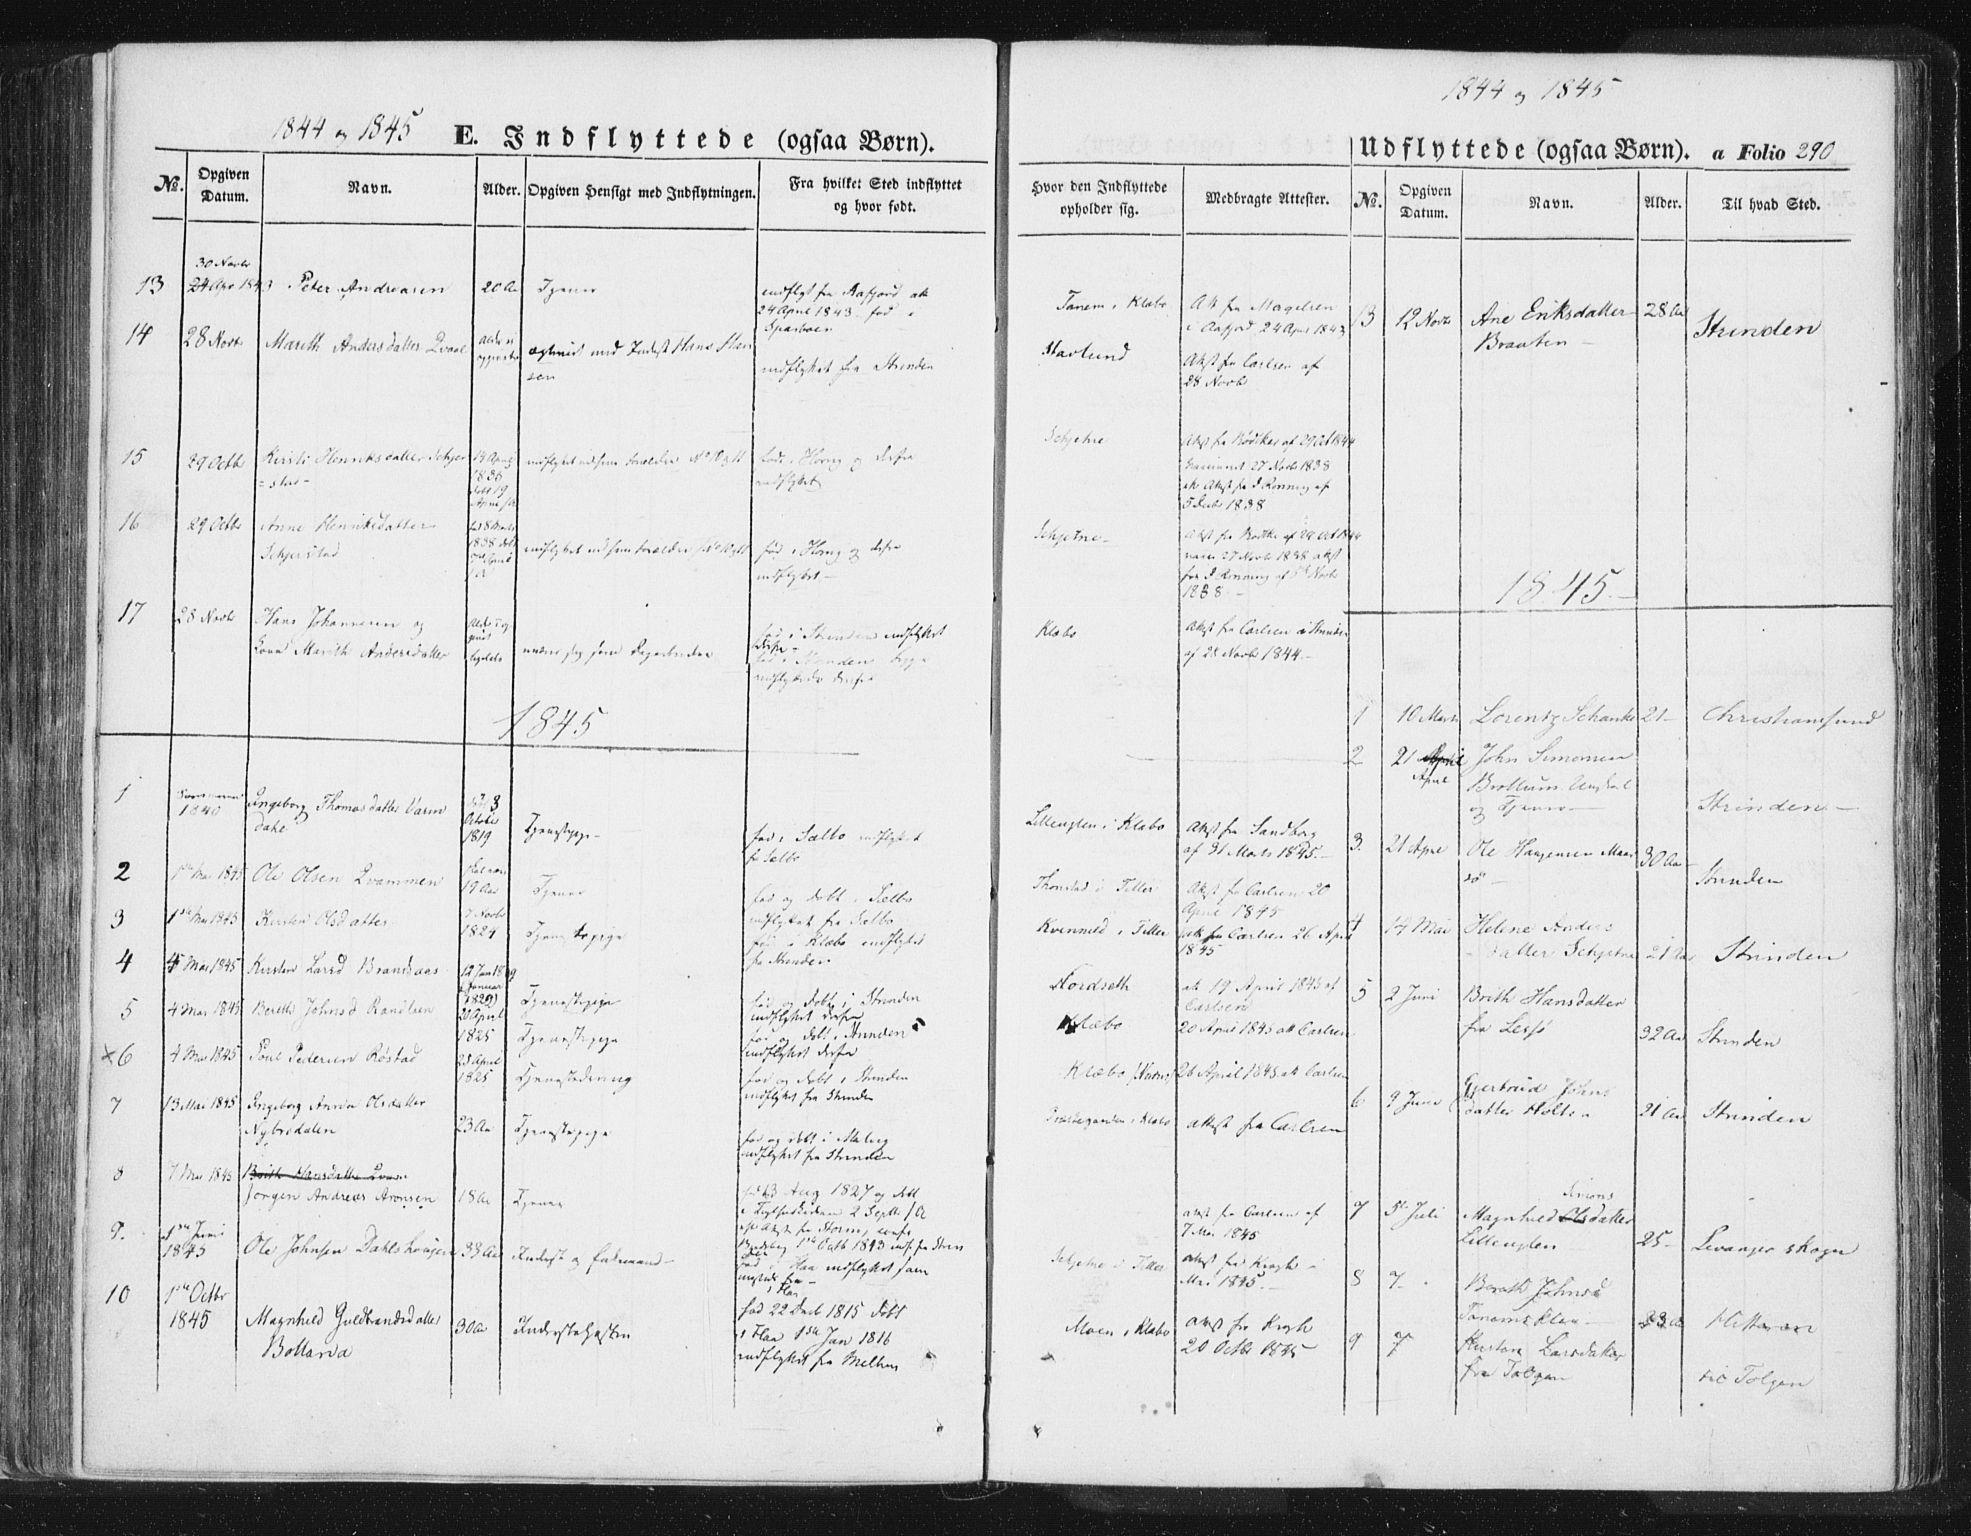 SAT, Ministerialprotokoller, klokkerbøker og fødselsregistre - Sør-Trøndelag, 618/L0441: Ministerialbok nr. 618A05, 1843-1862, s. 290